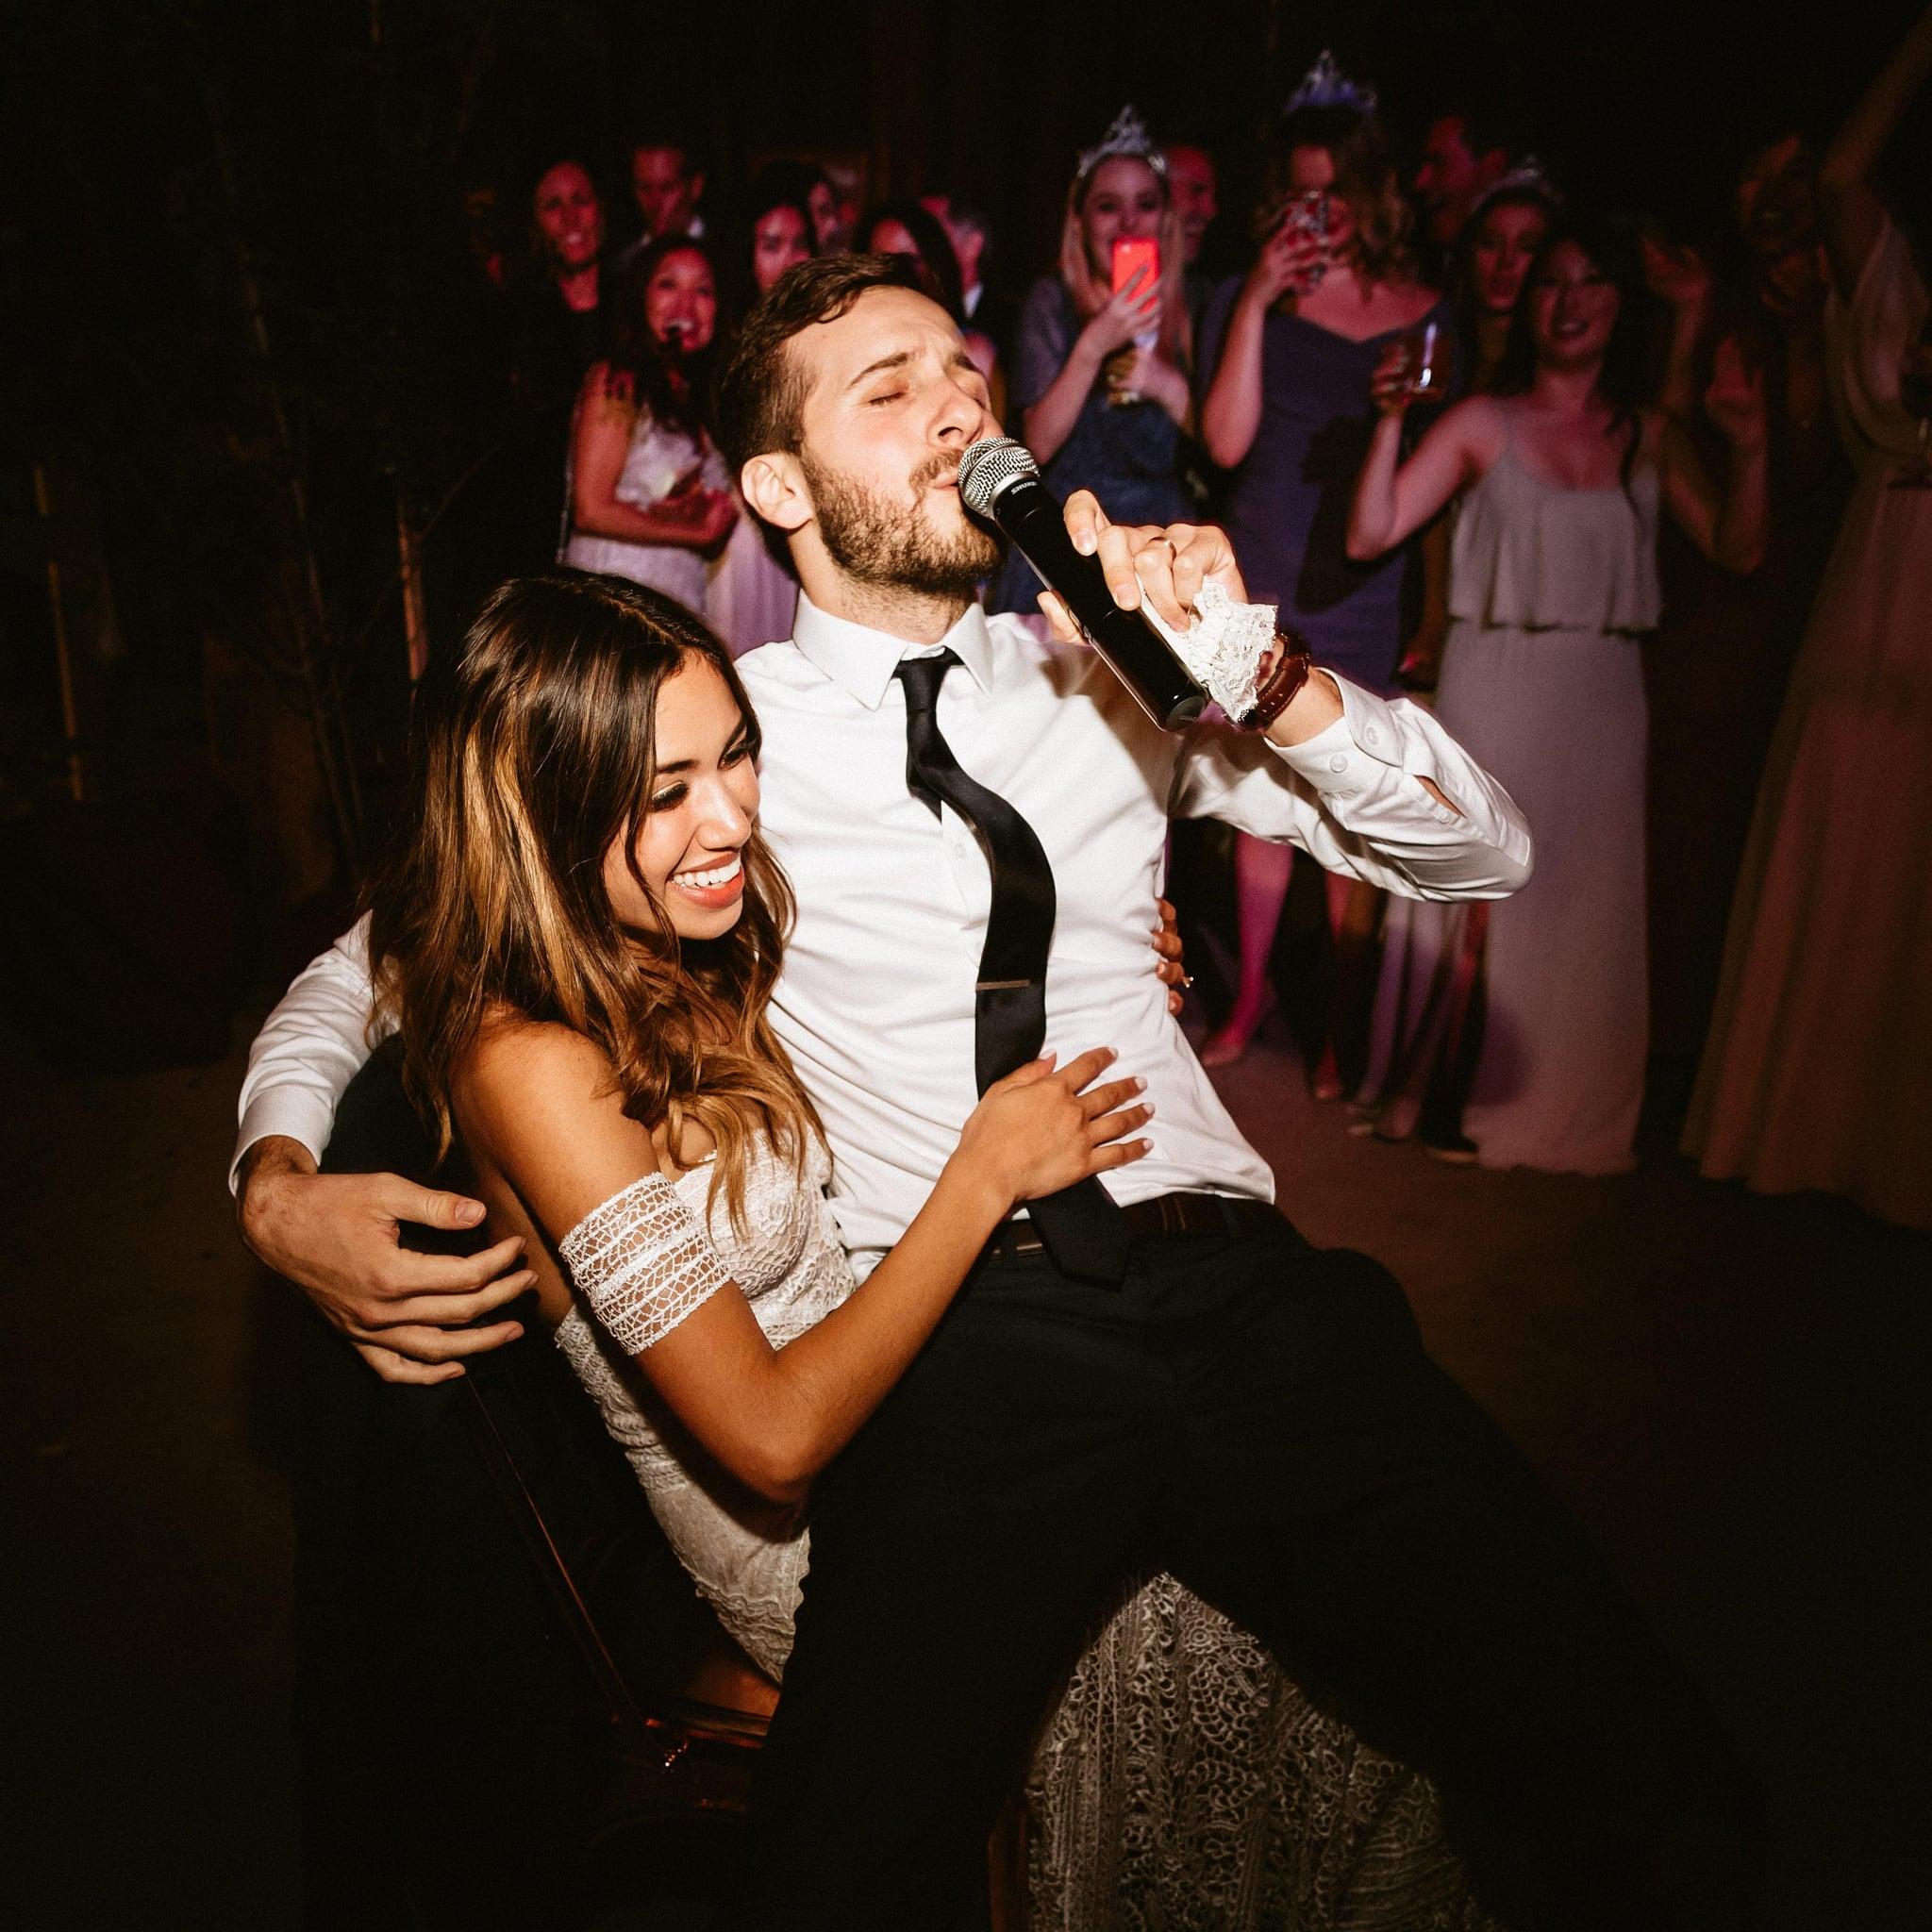 Best Dance Songs For Weddings 2018 Popsugar Entertainment